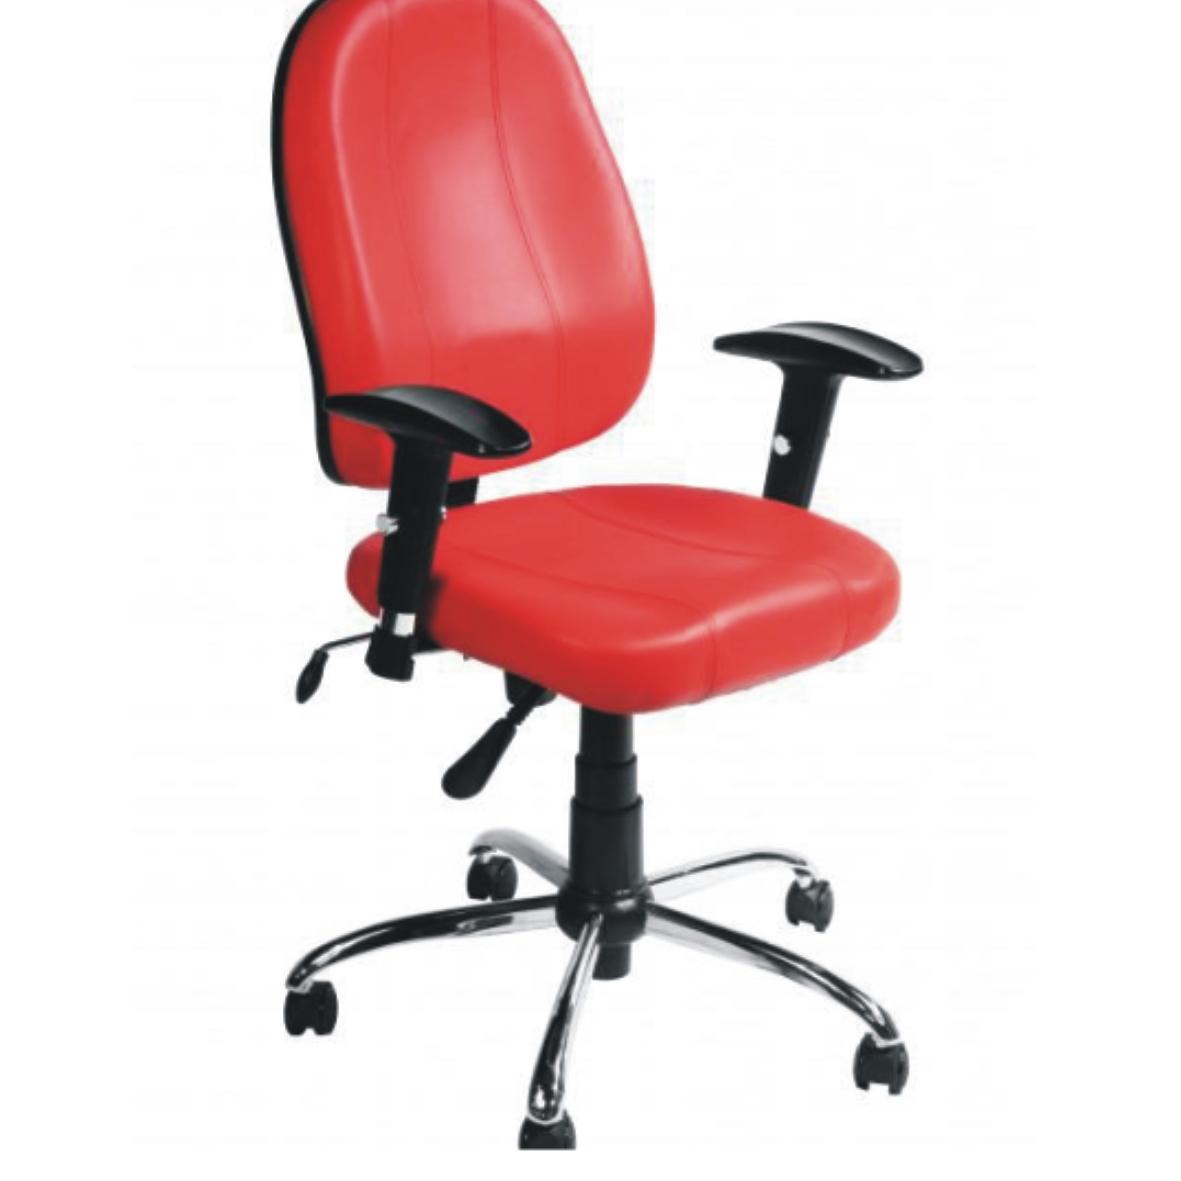 صندلی گردان کارمندی